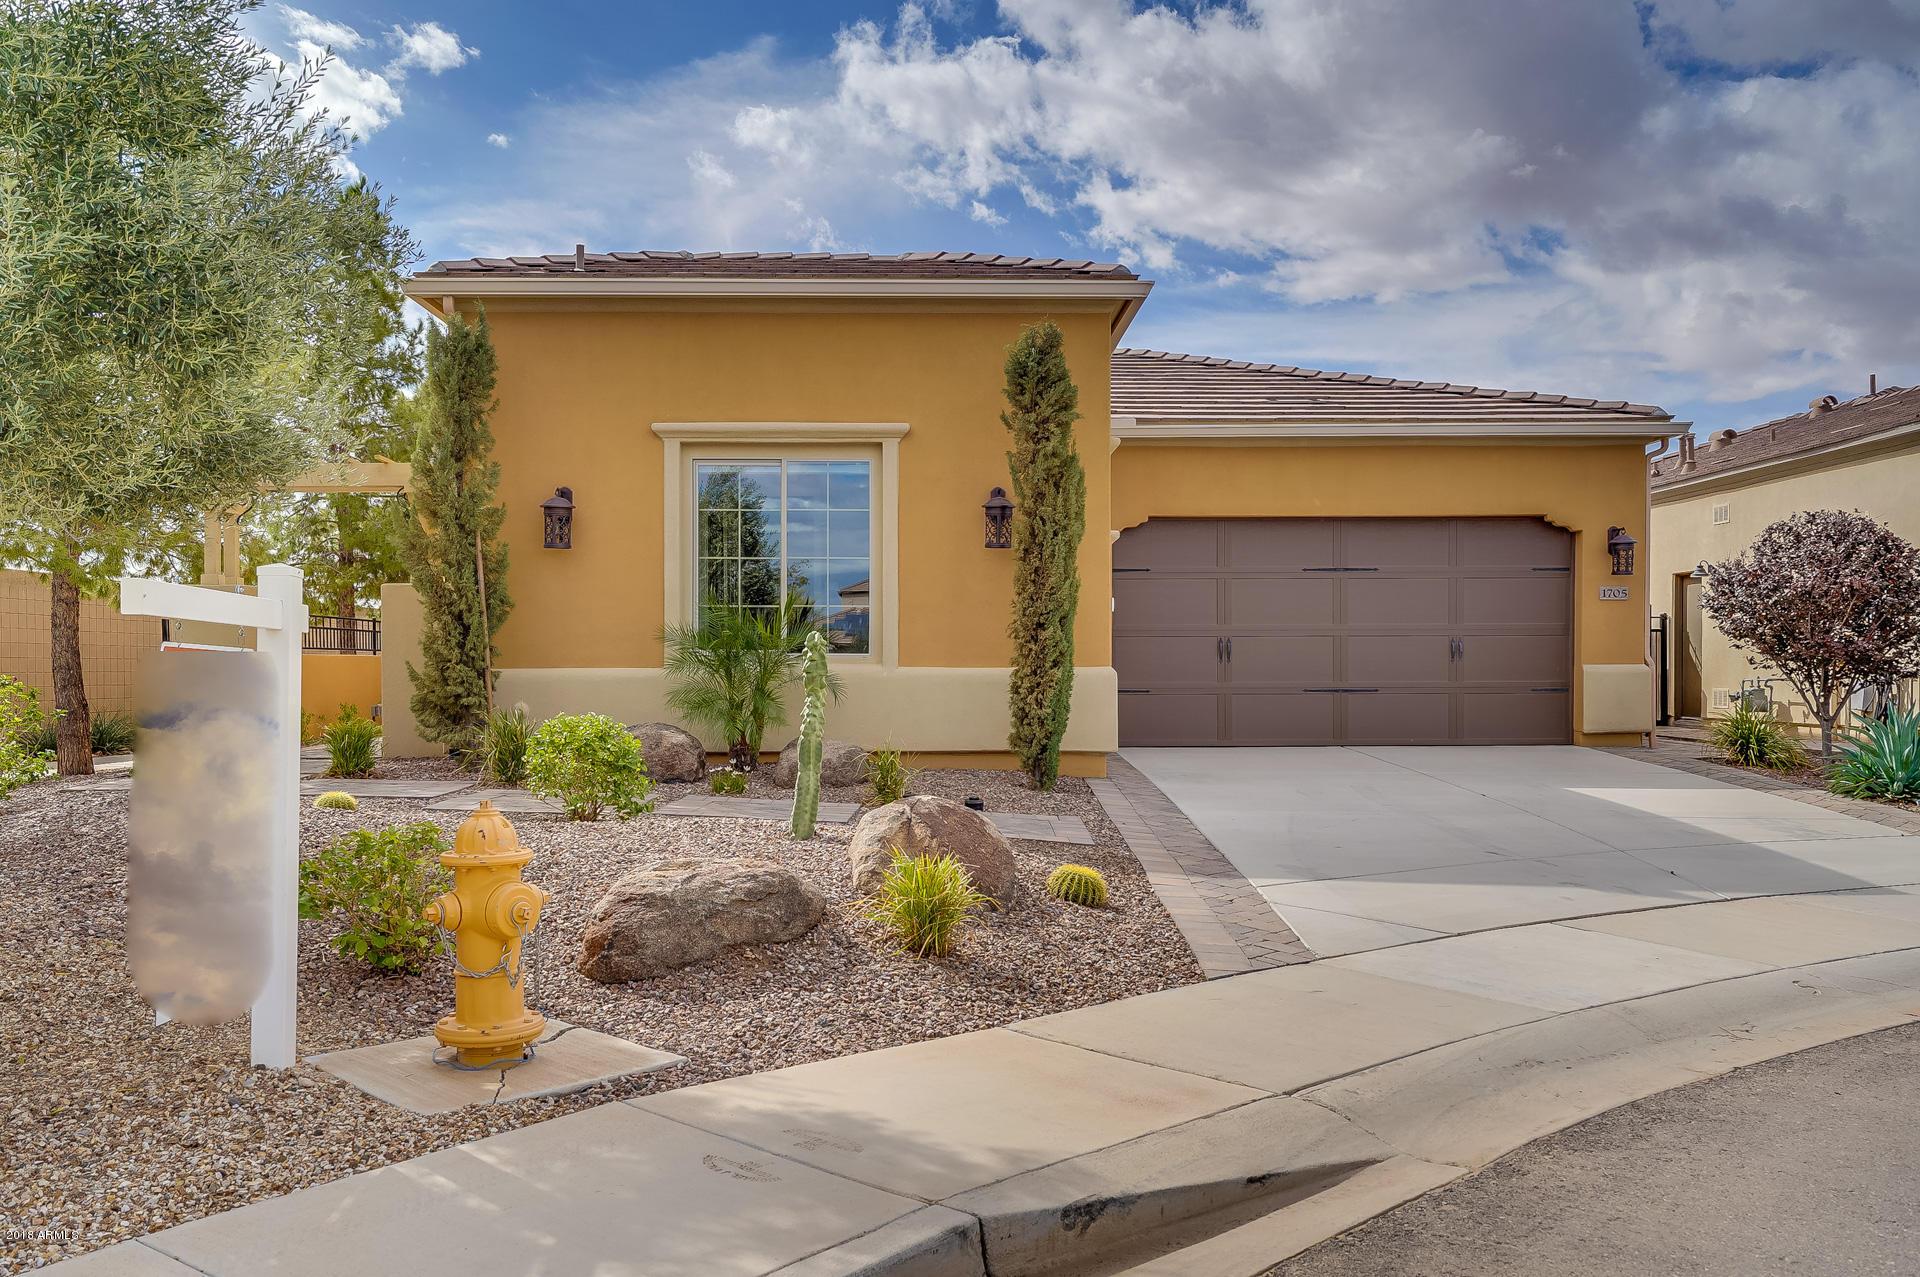 Photo for 1705 E Copper Hollow, San Tan Valley, AZ 85140 (MLS # 5832289)